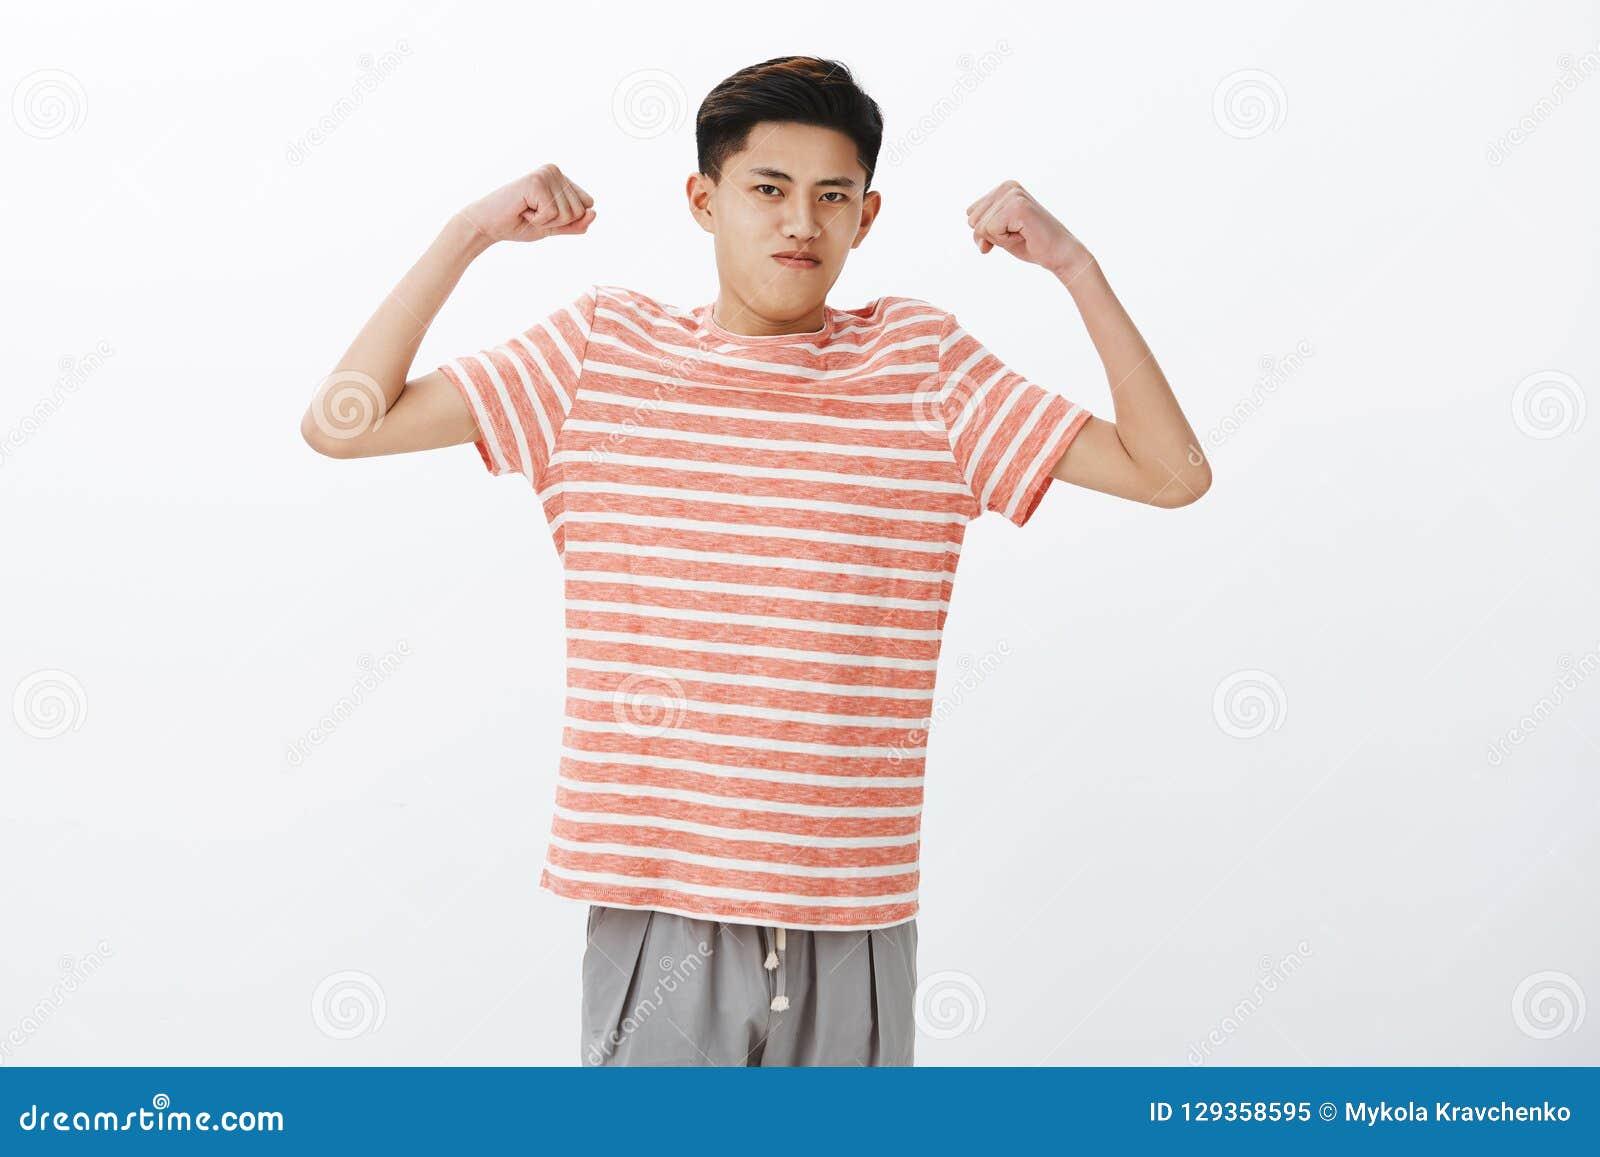 Regardez comme j intense suis Portrait du jeune type asiatique mince drôle assuré soulevant des mains pour montrer le biceps ou l